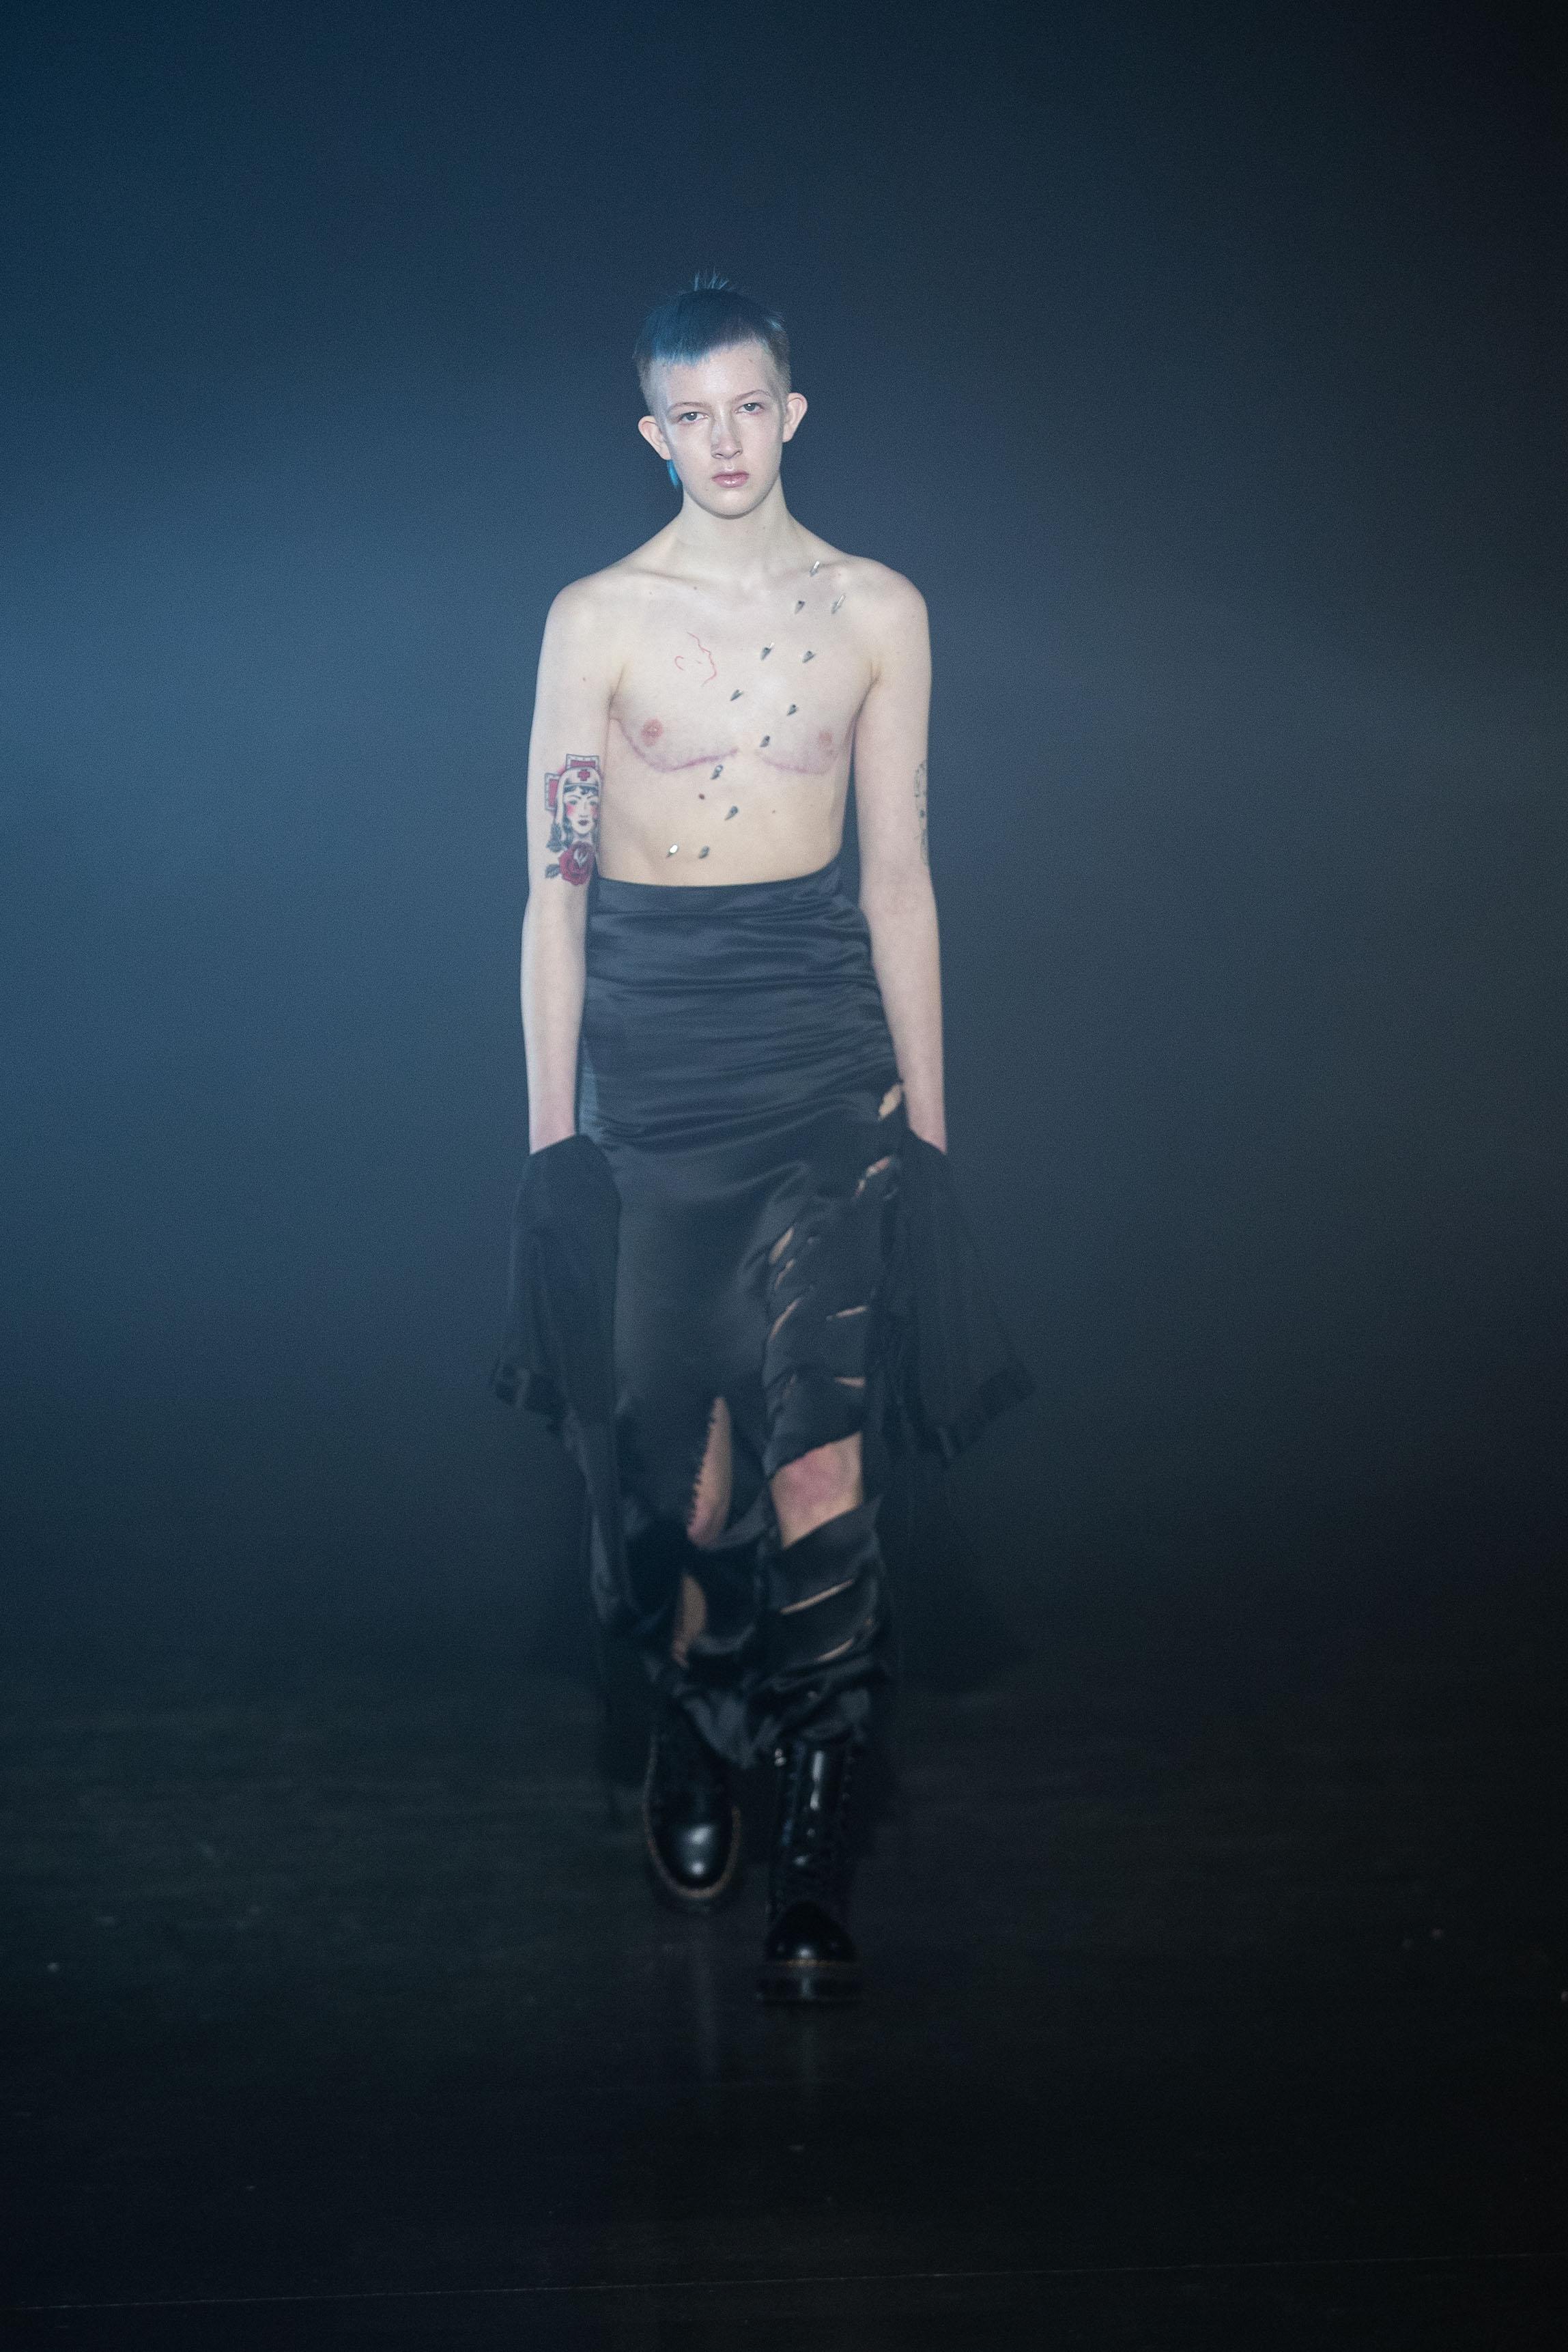 Trans model Finn Buchanan walks for London fashion label Art School.